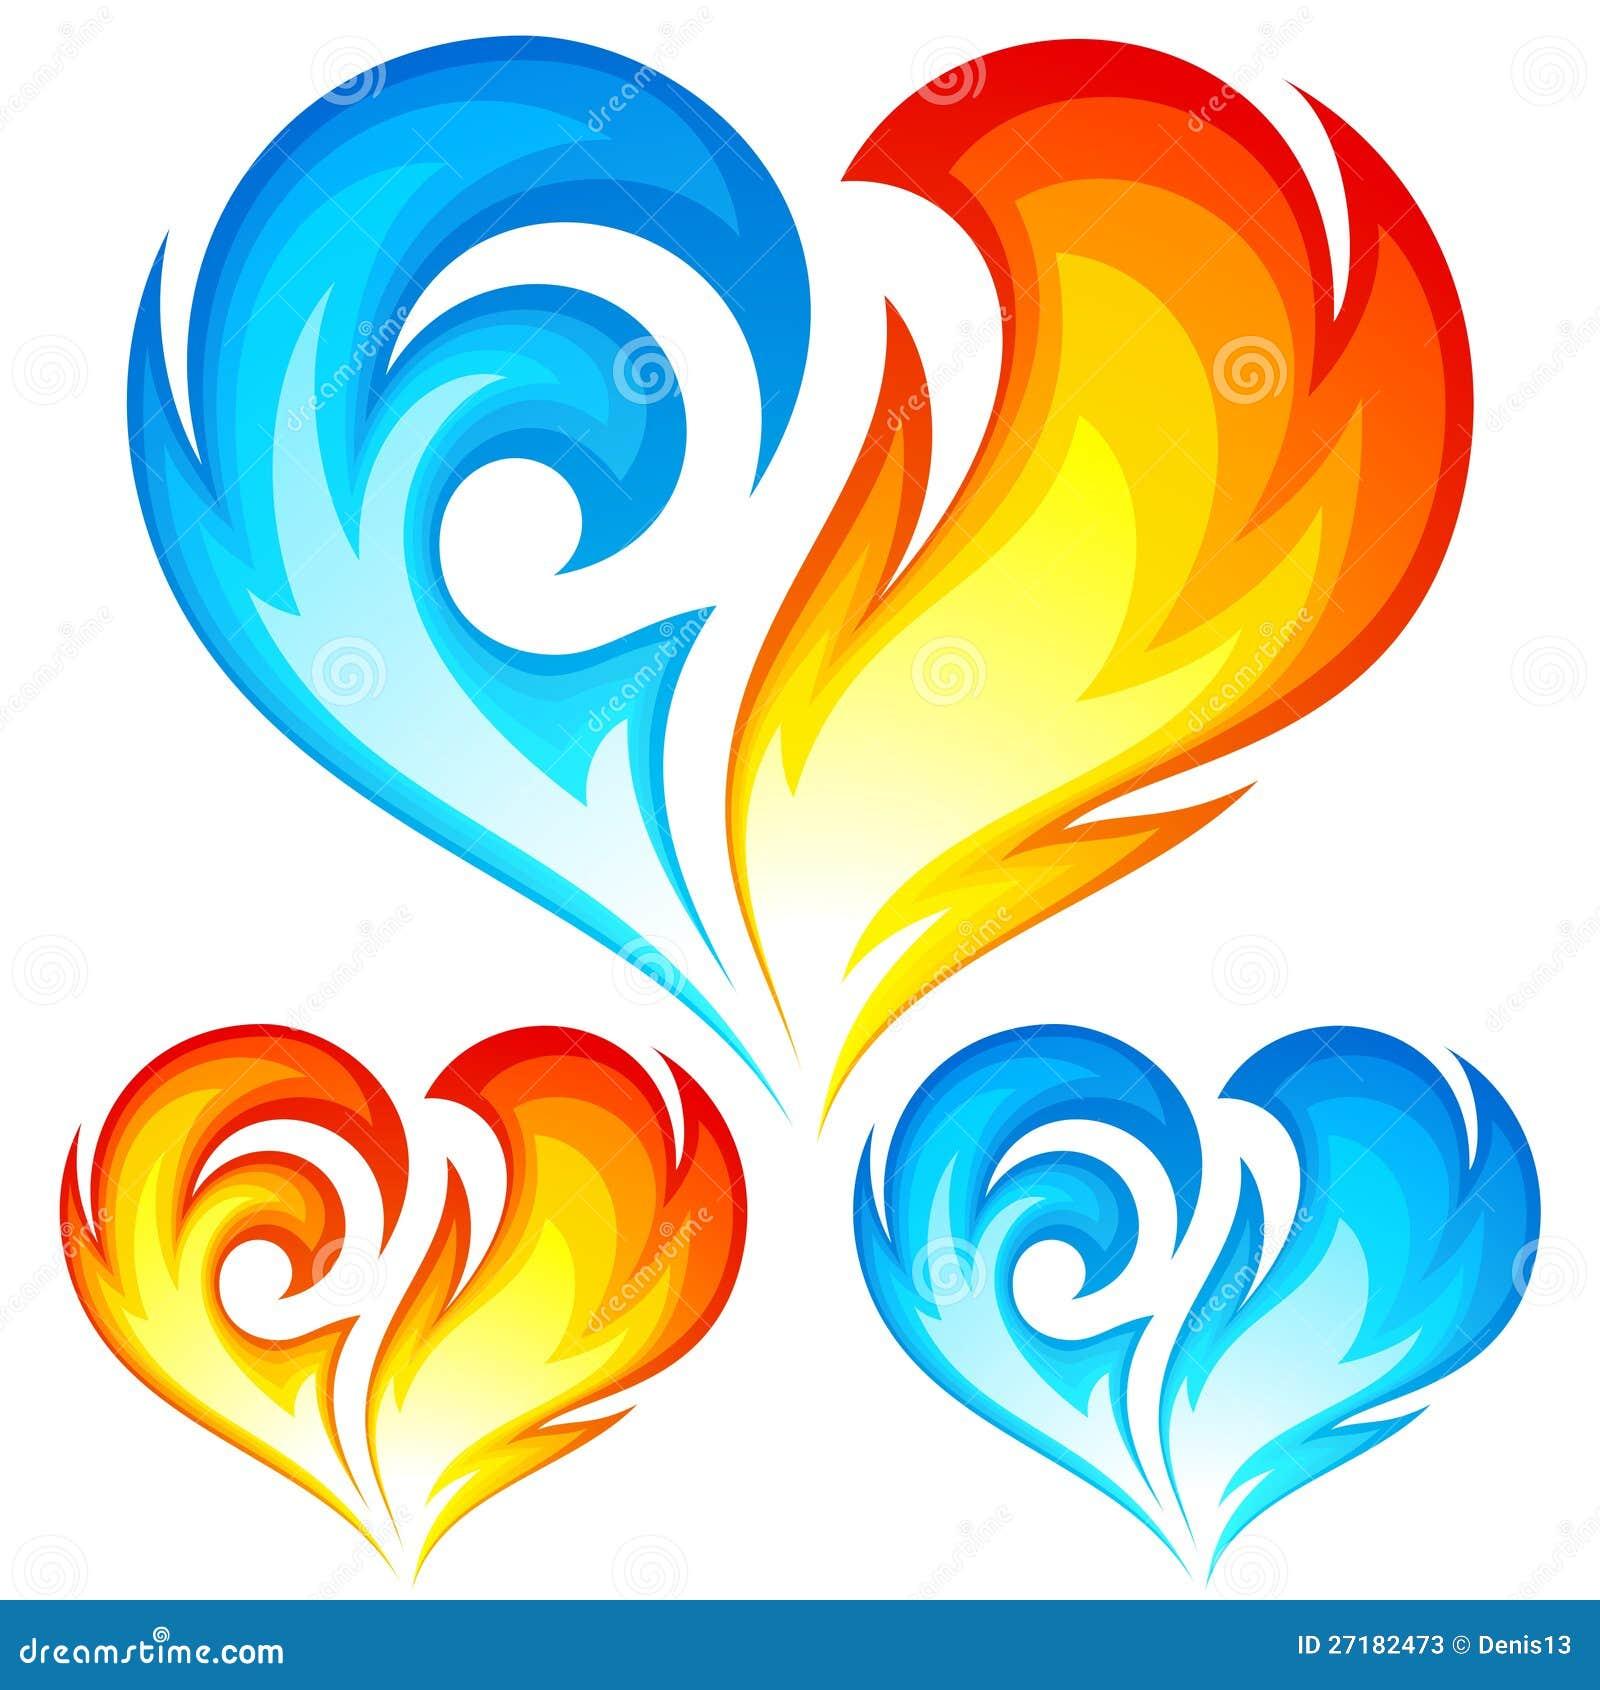 Corazones del vector del fuego y del hielo. Símbolo del amor